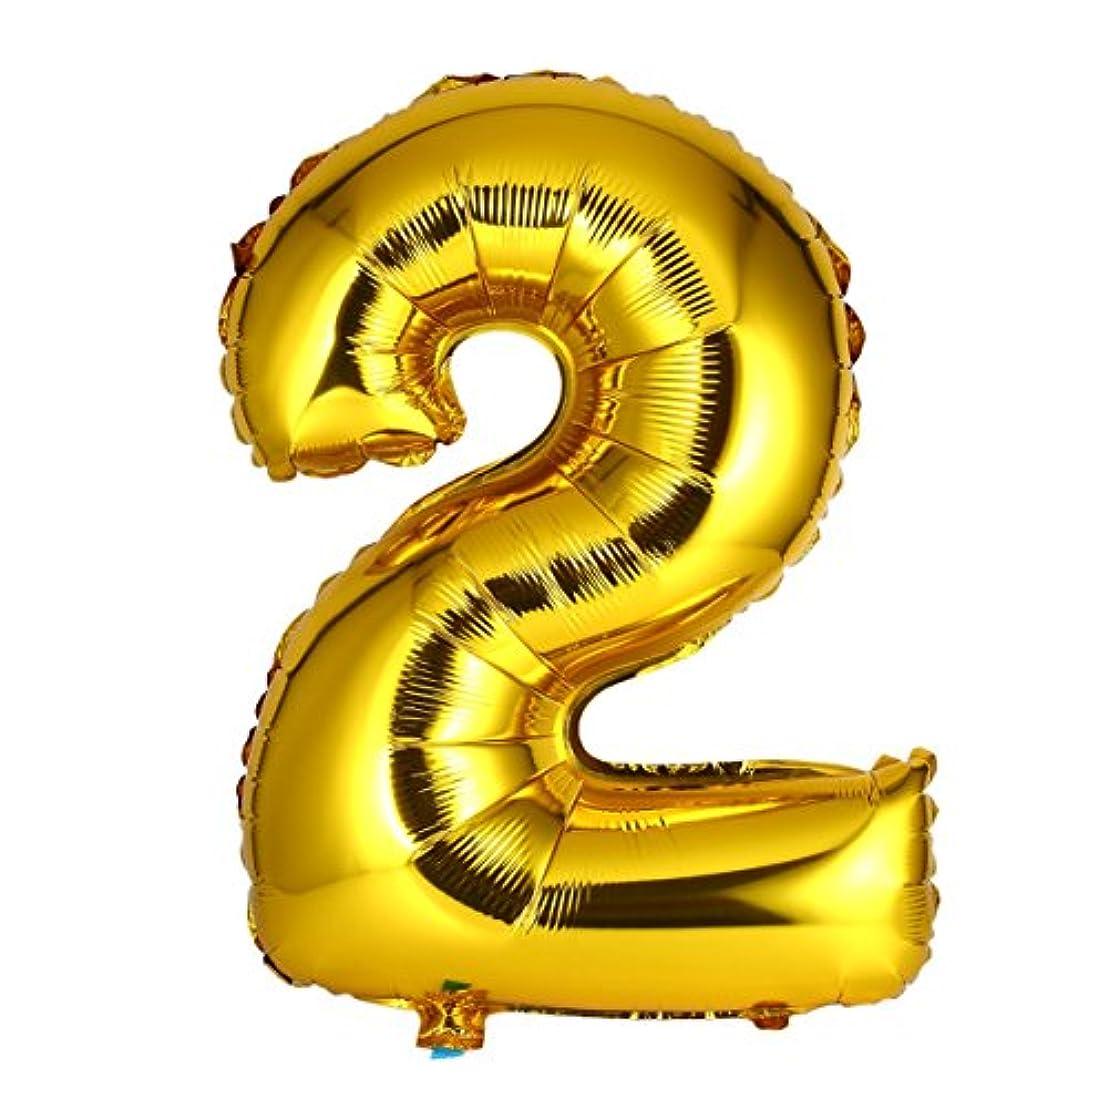 感謝祭比類のない進化する30インチゴールド箔マイラー風船用壁の装飾番号箔風船数字エアバルーン結婚式の装飾イベントパーティー用品